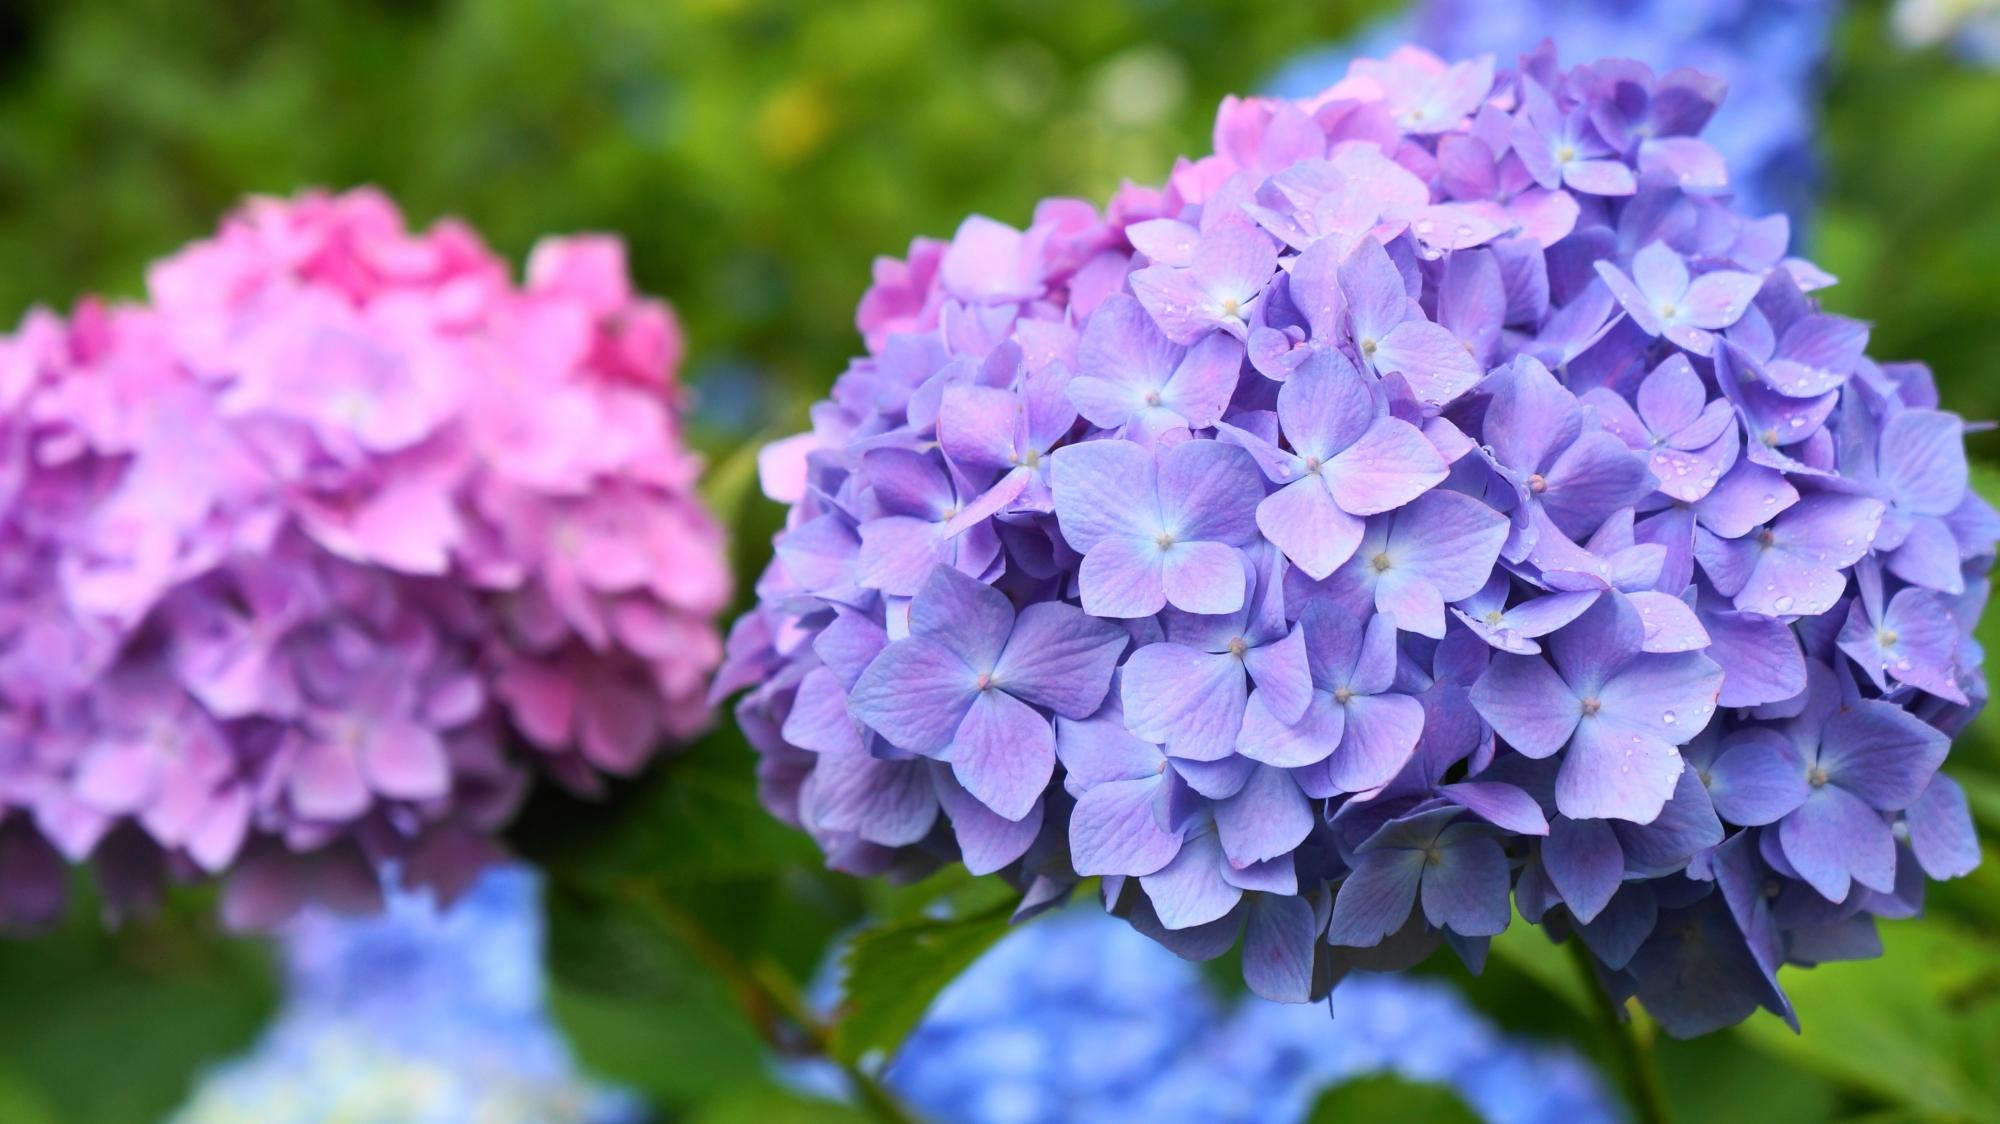 上品で美しいほのかな紫の紫陽花